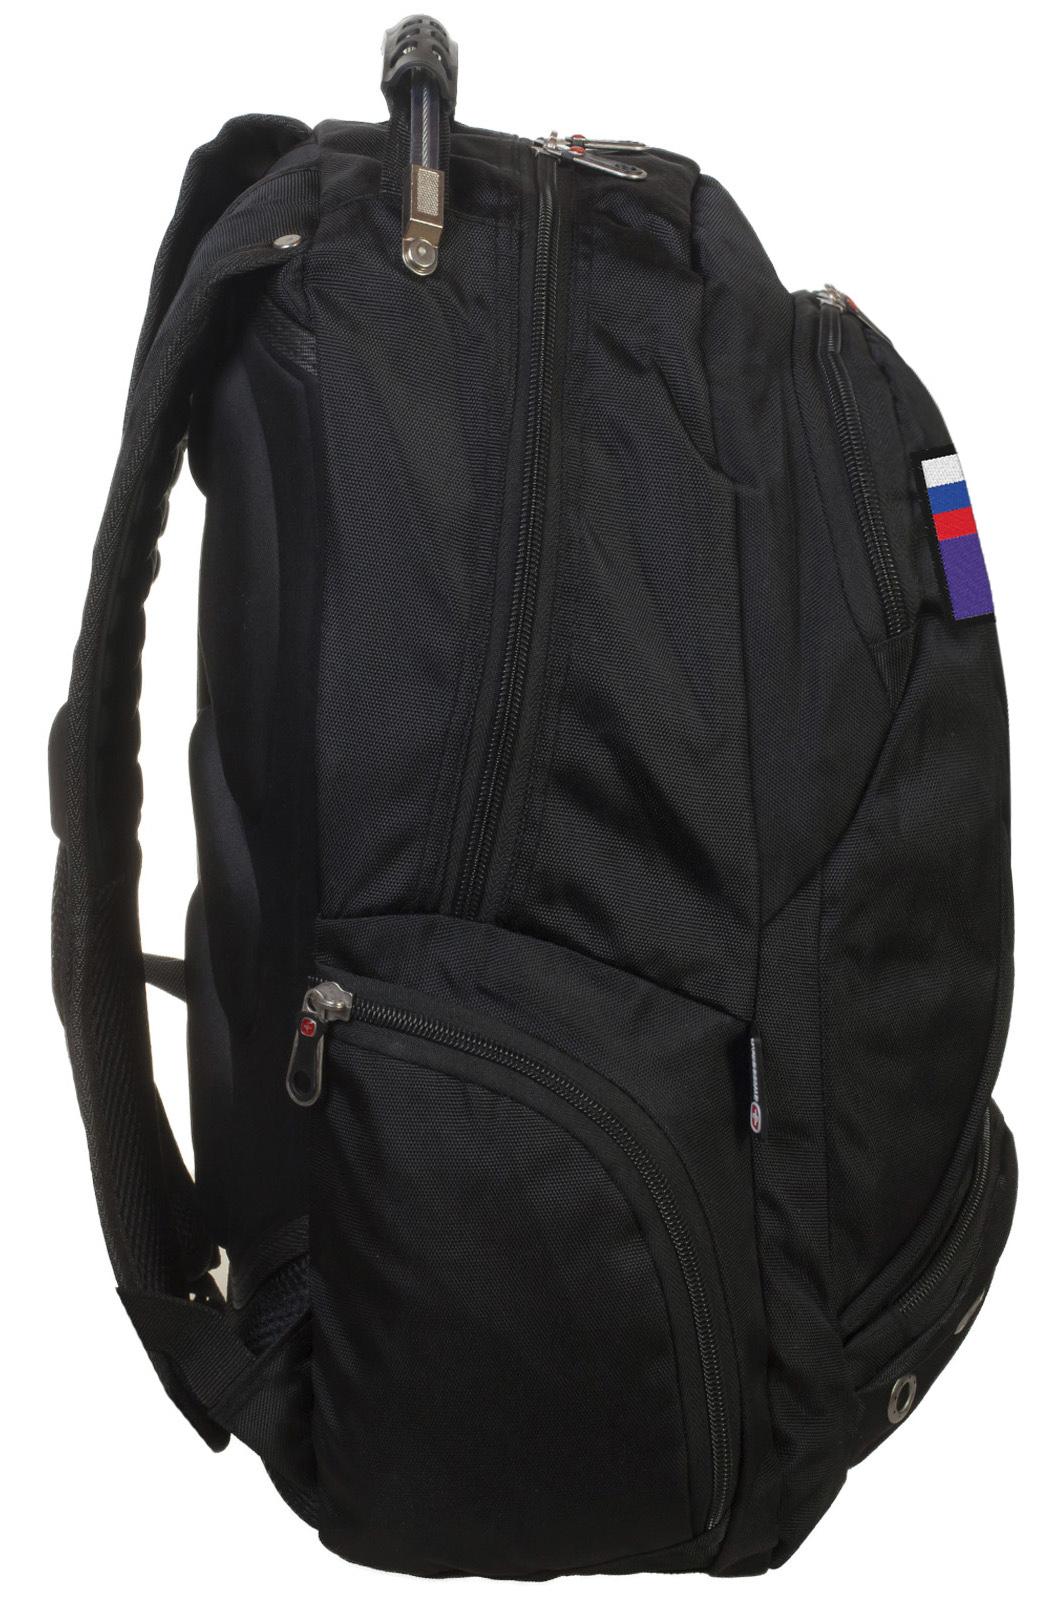 Универсальный городской рюкзак с эмблемой ФСИН купить с доставкой